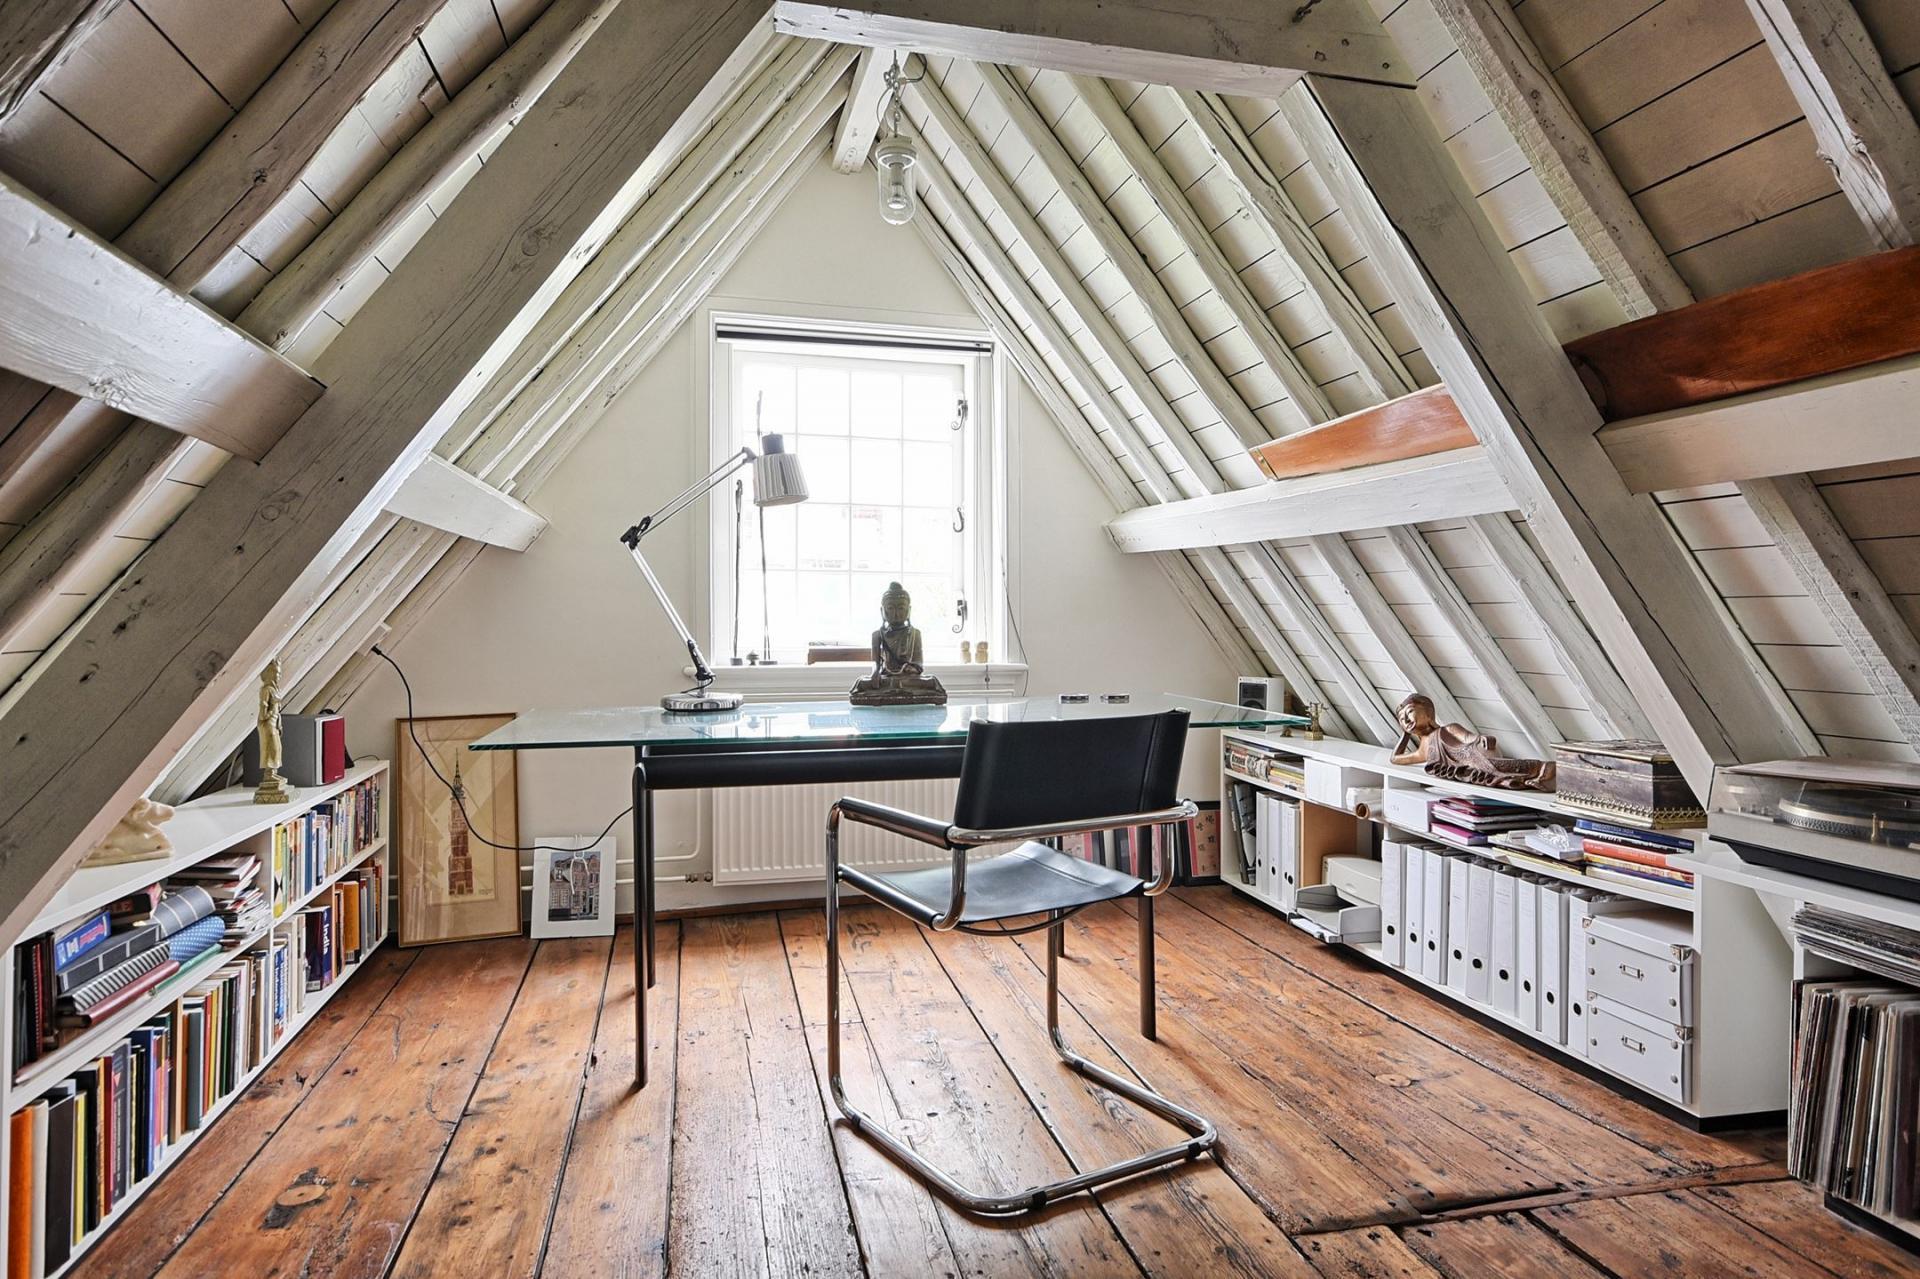 Фотографии домов из кирпича и их проекты последние